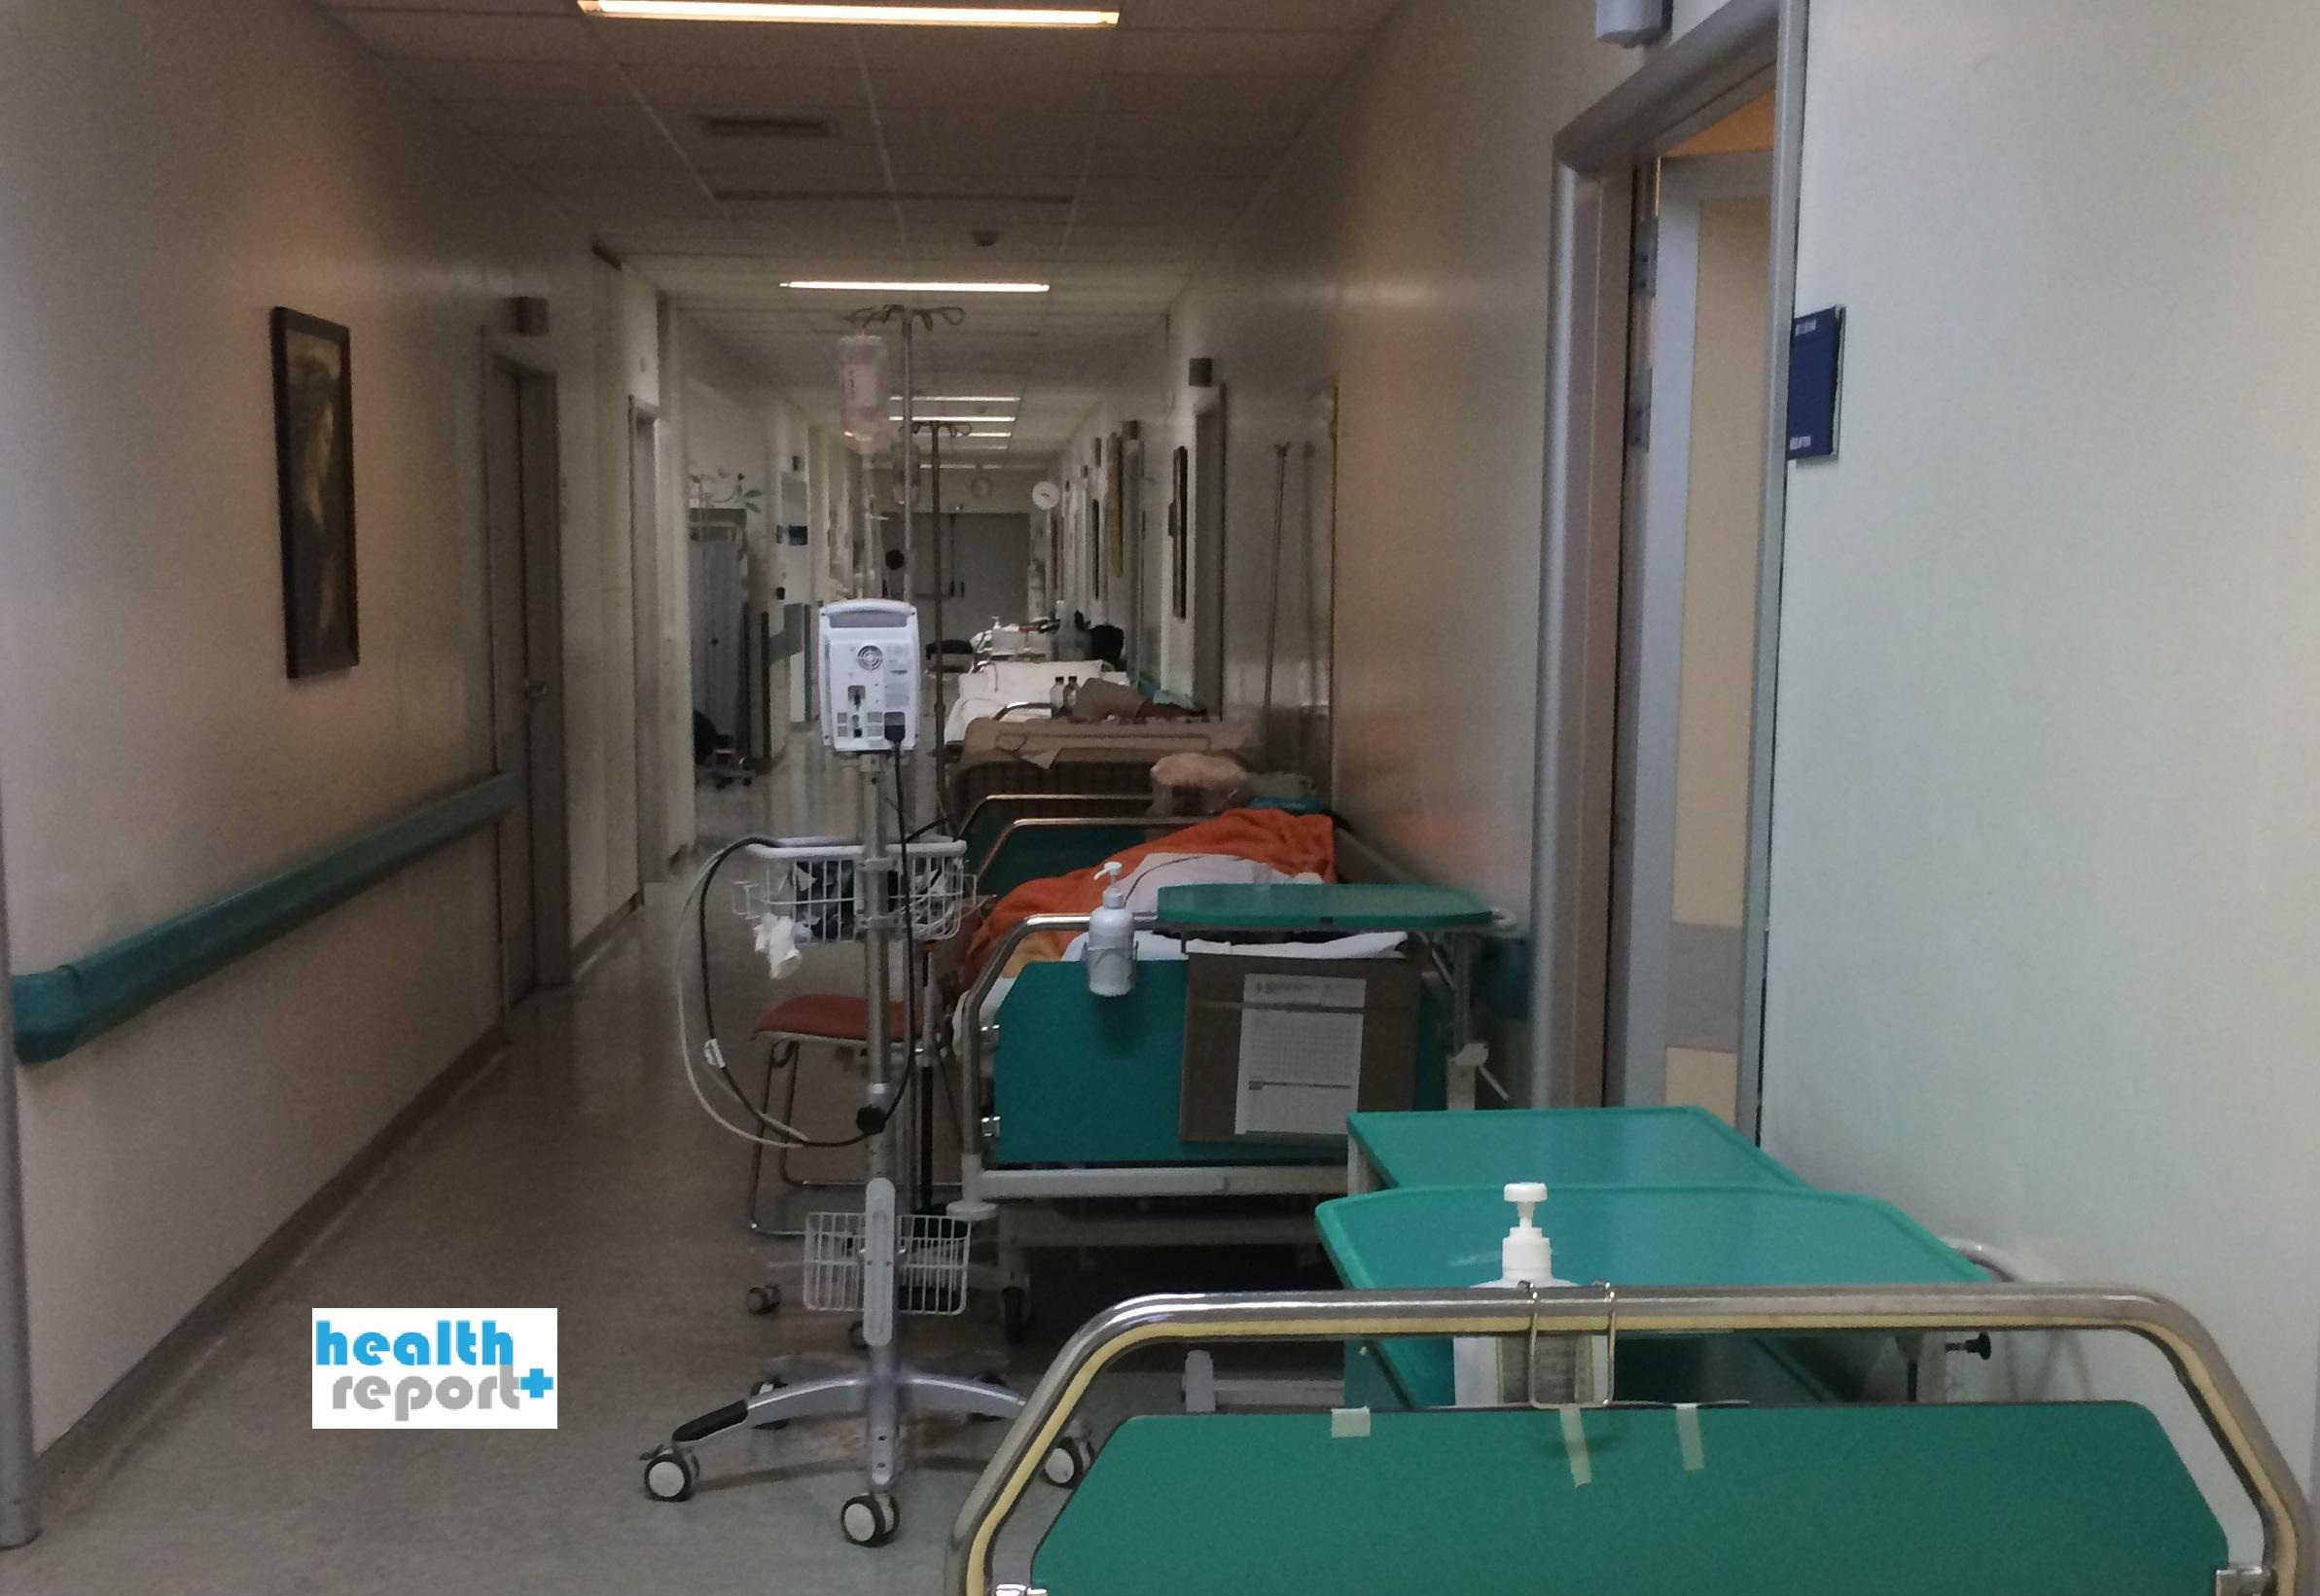 Από αξιολόγηση θα περάσουν όλοι οι Διοικητές Νοσοκομείων της χώρας